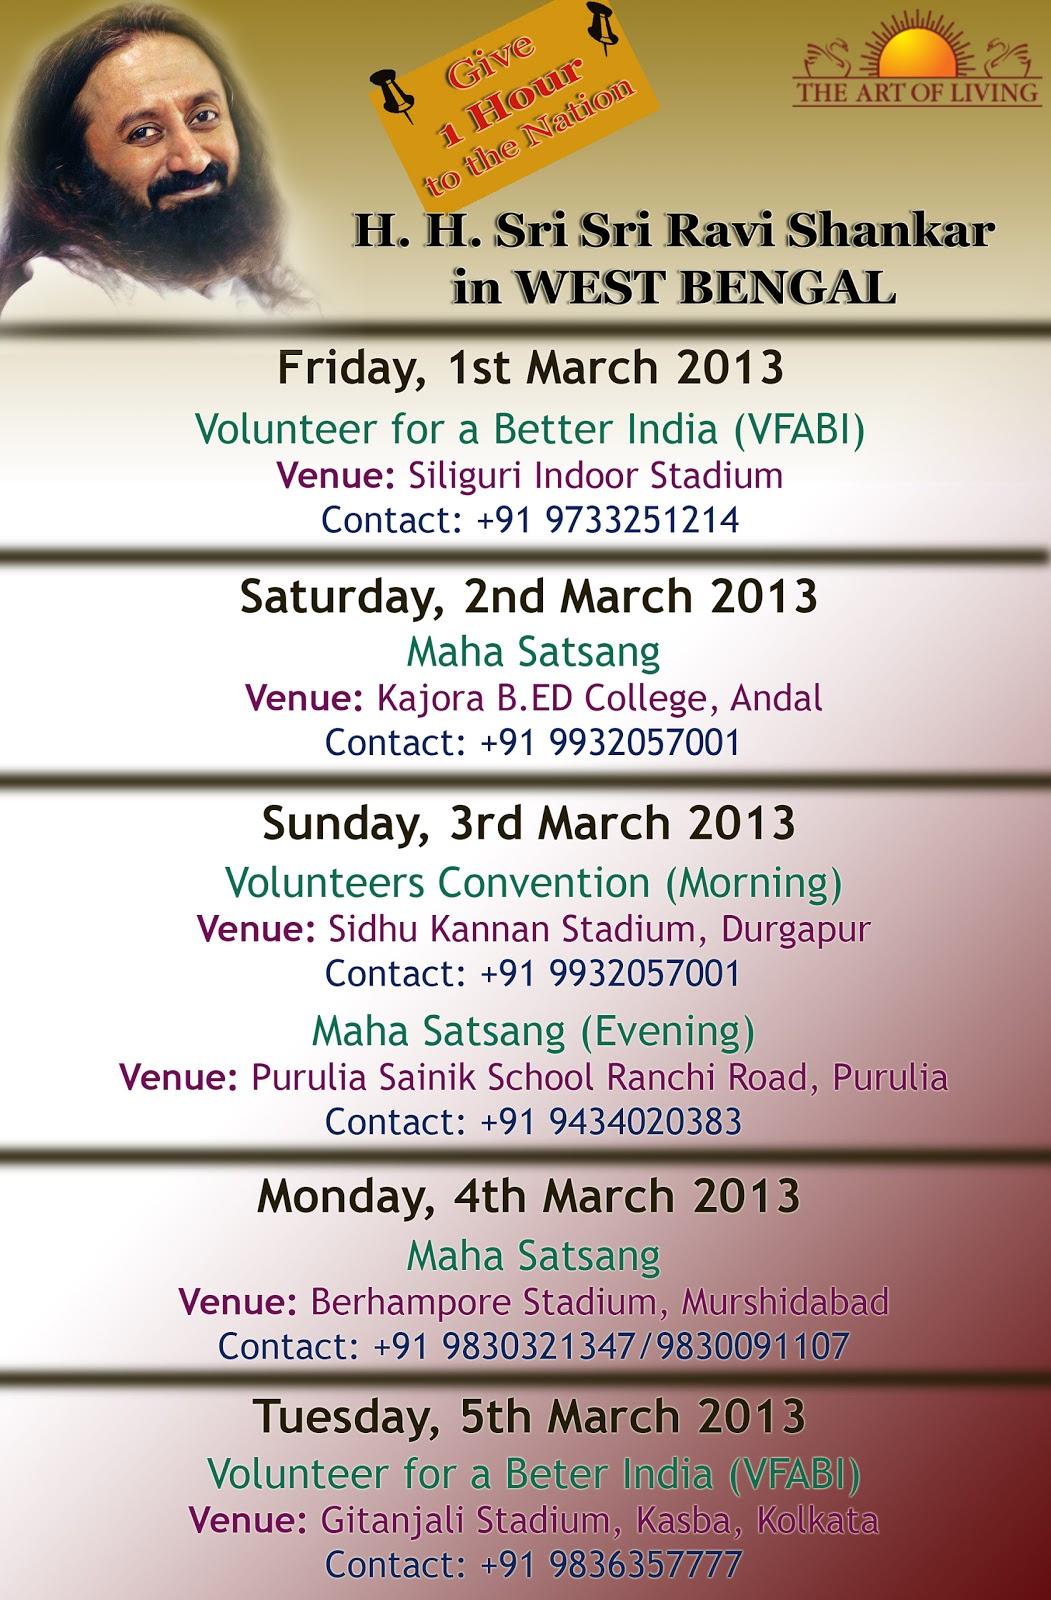 Sri Sri Ravi Shankar visits Kolkata